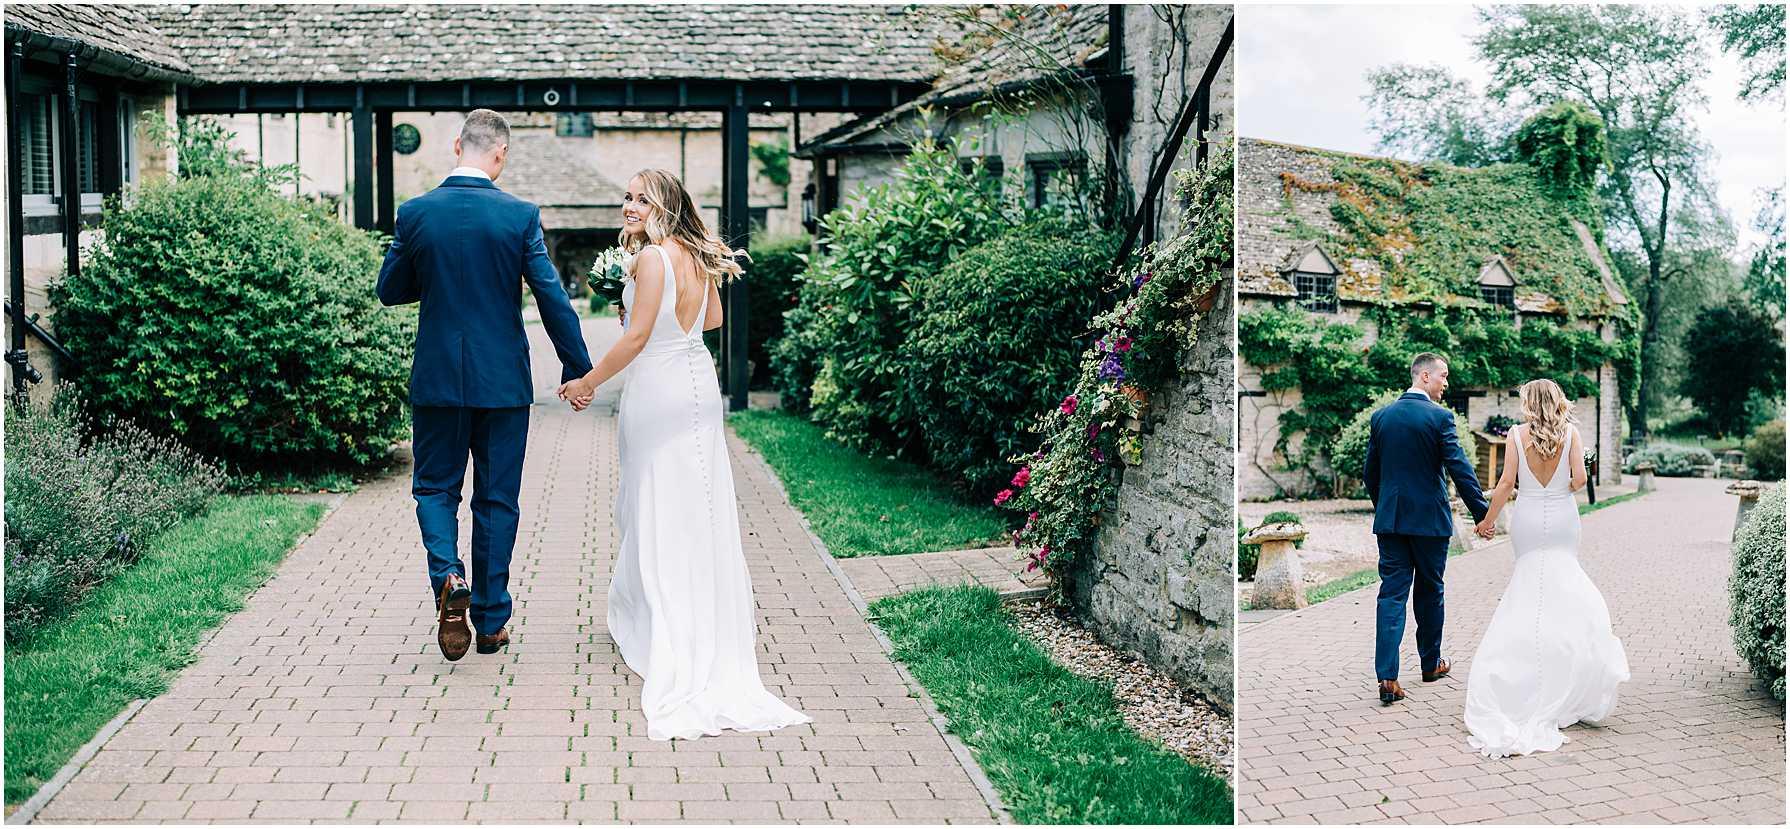 bride looking over her shoulder as her and her groom walk away hand in hand